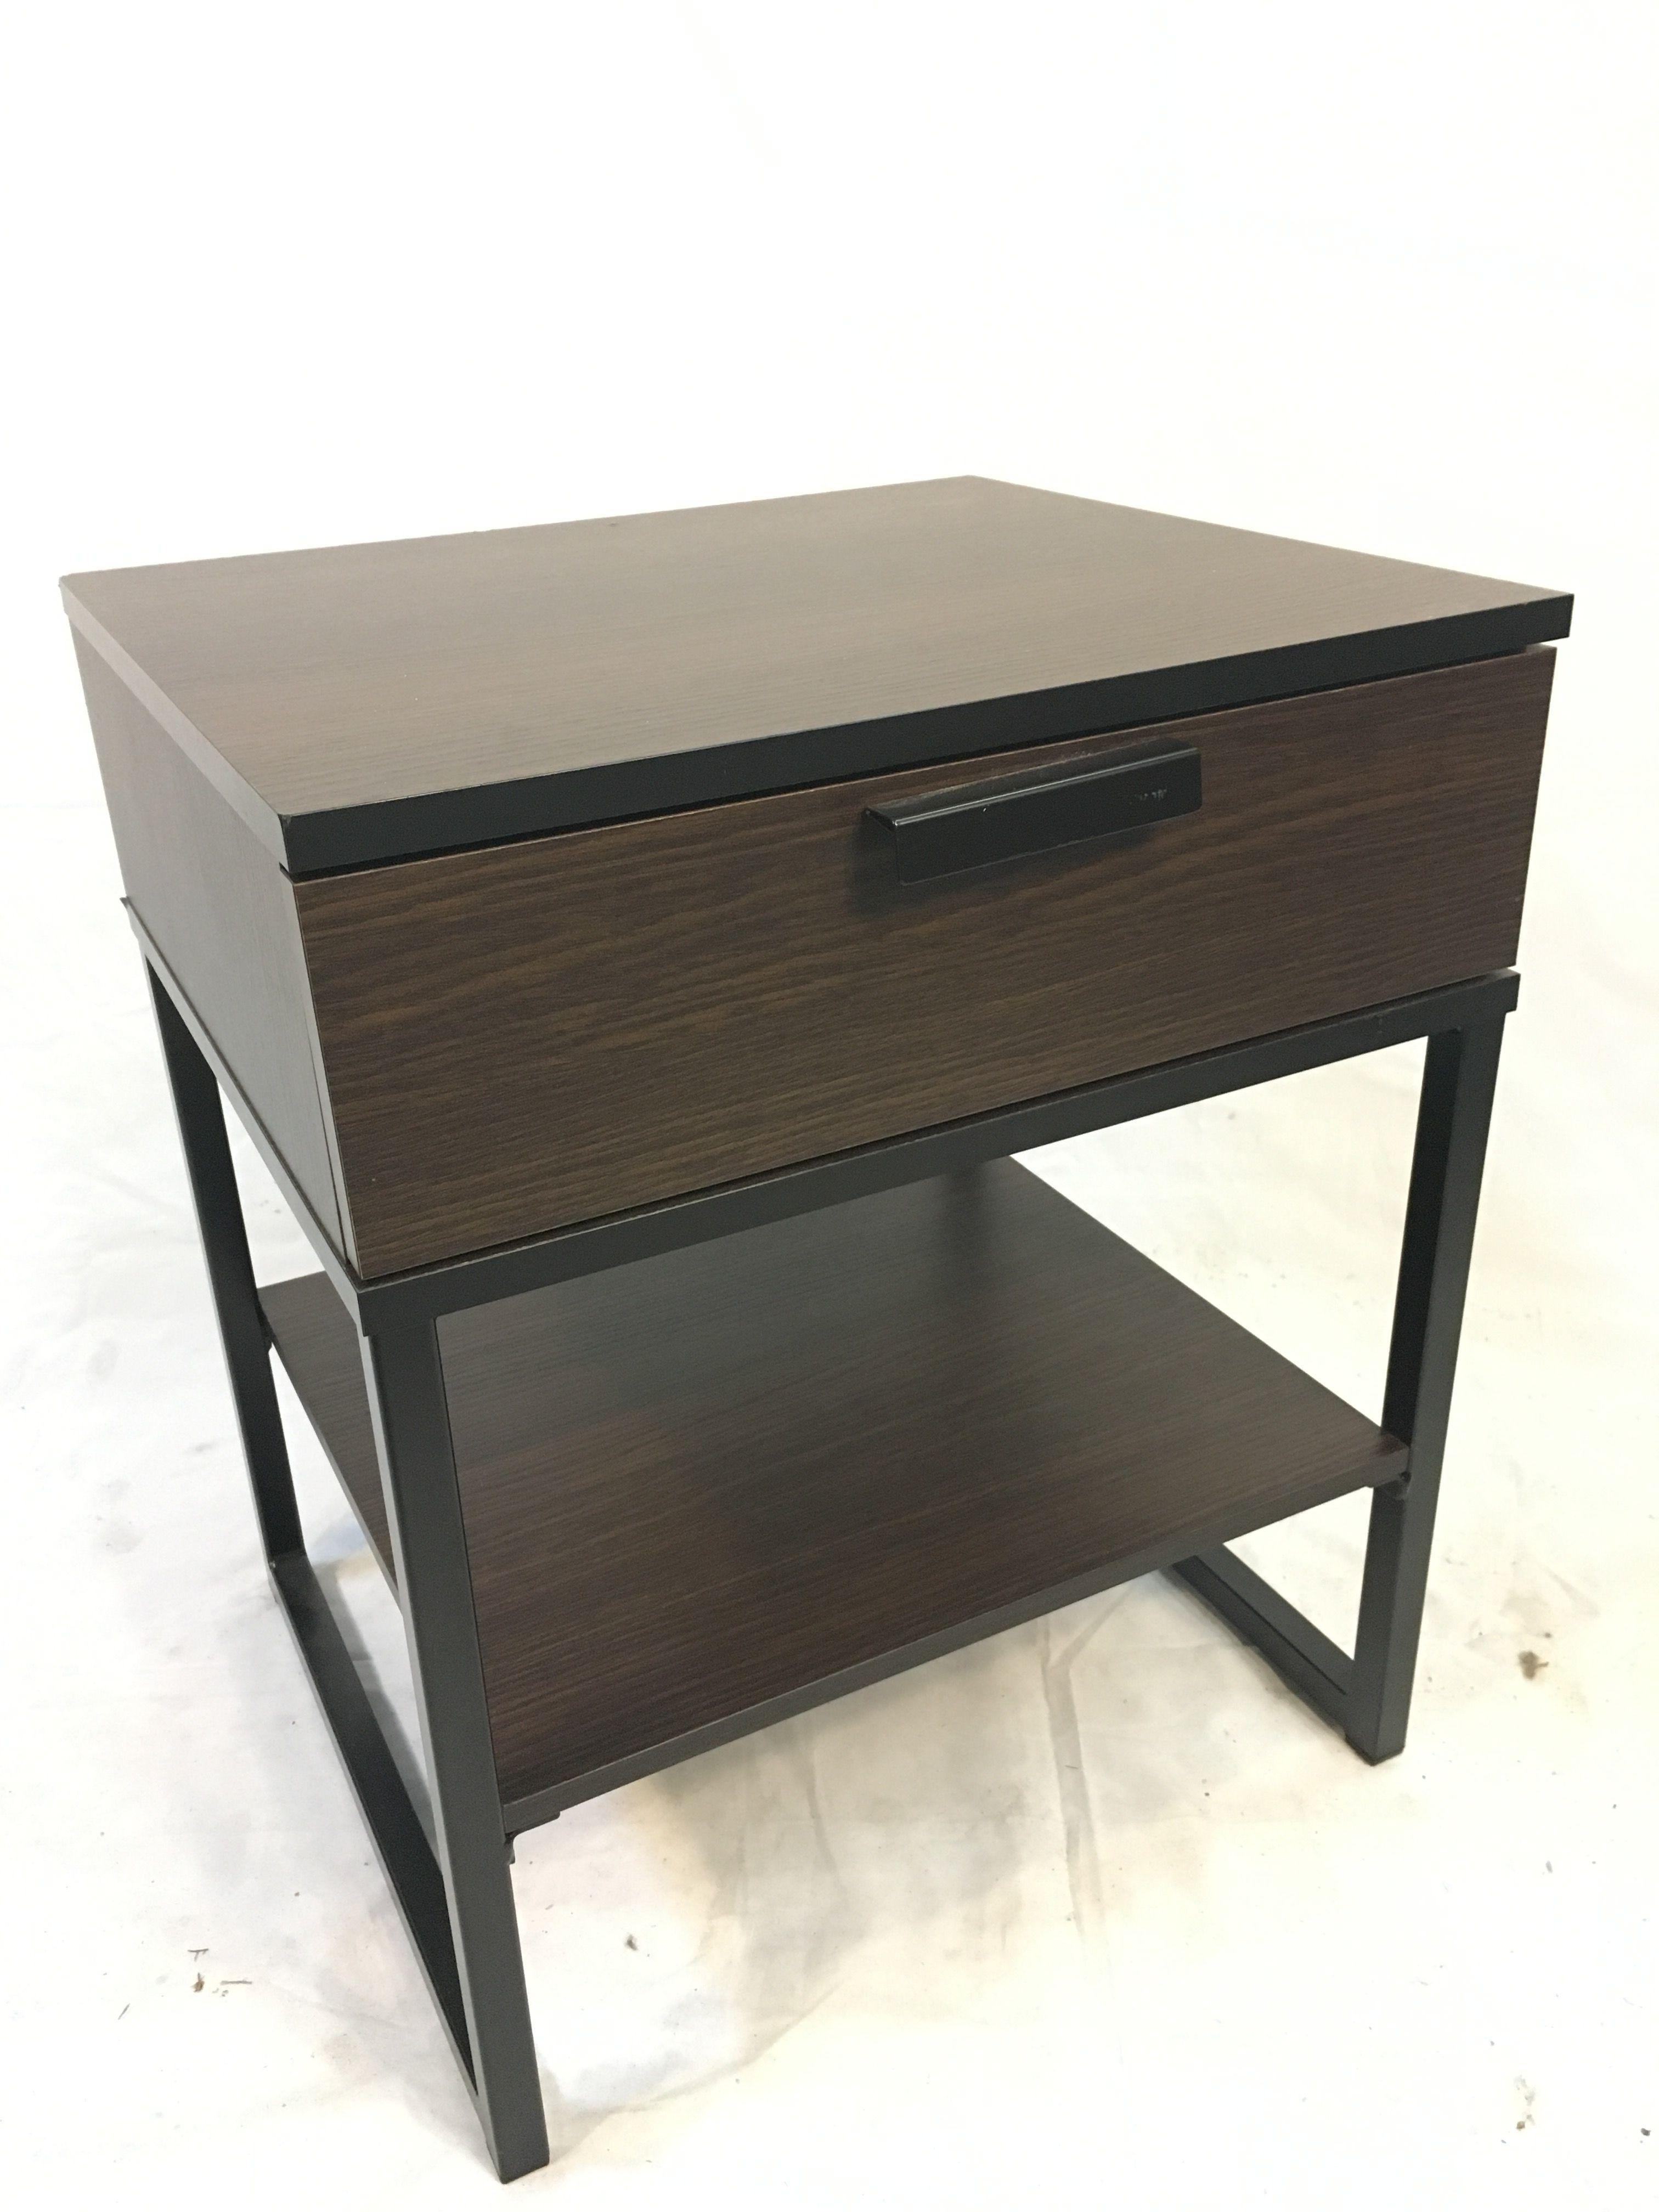 Small Dark Wood Nightstand 18x16x22 Wood Nightstand Nightstand